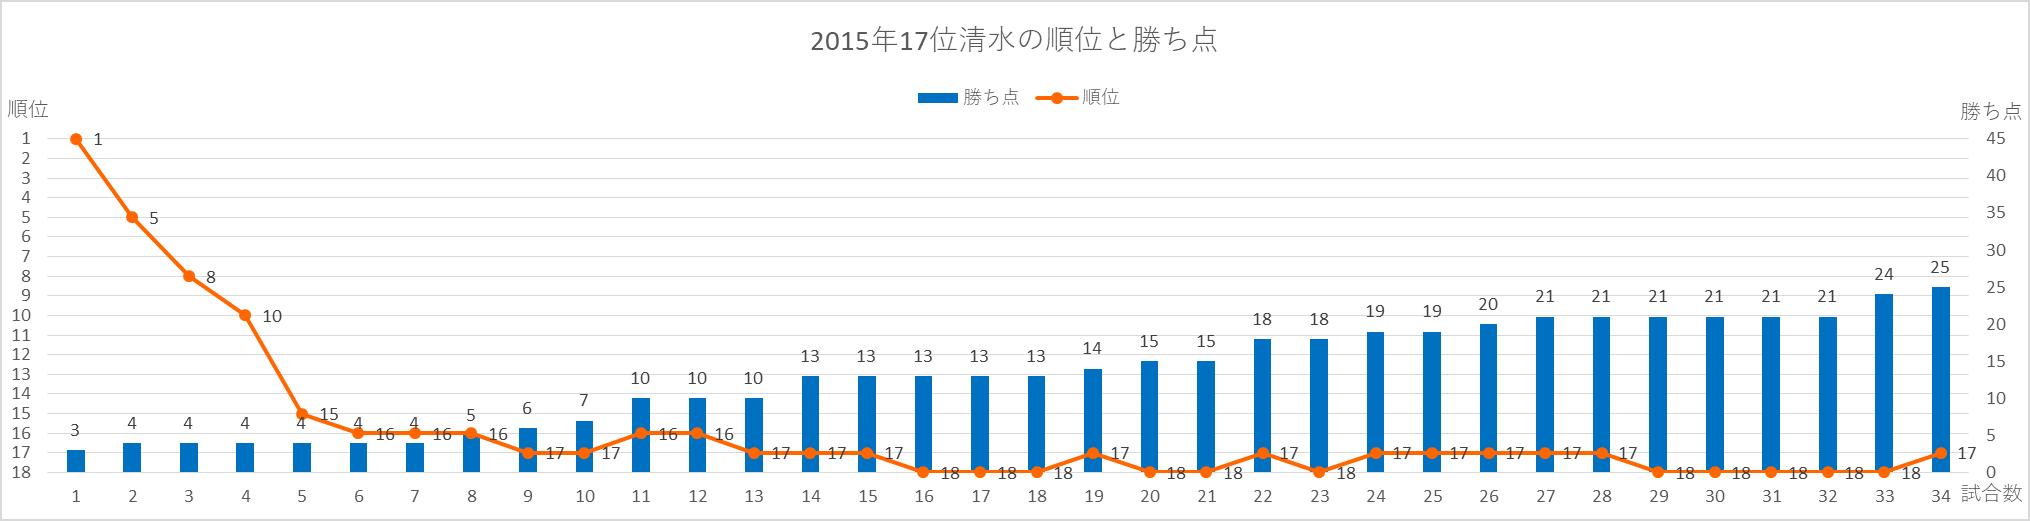 2015年清水の順位と勝ち点の推移